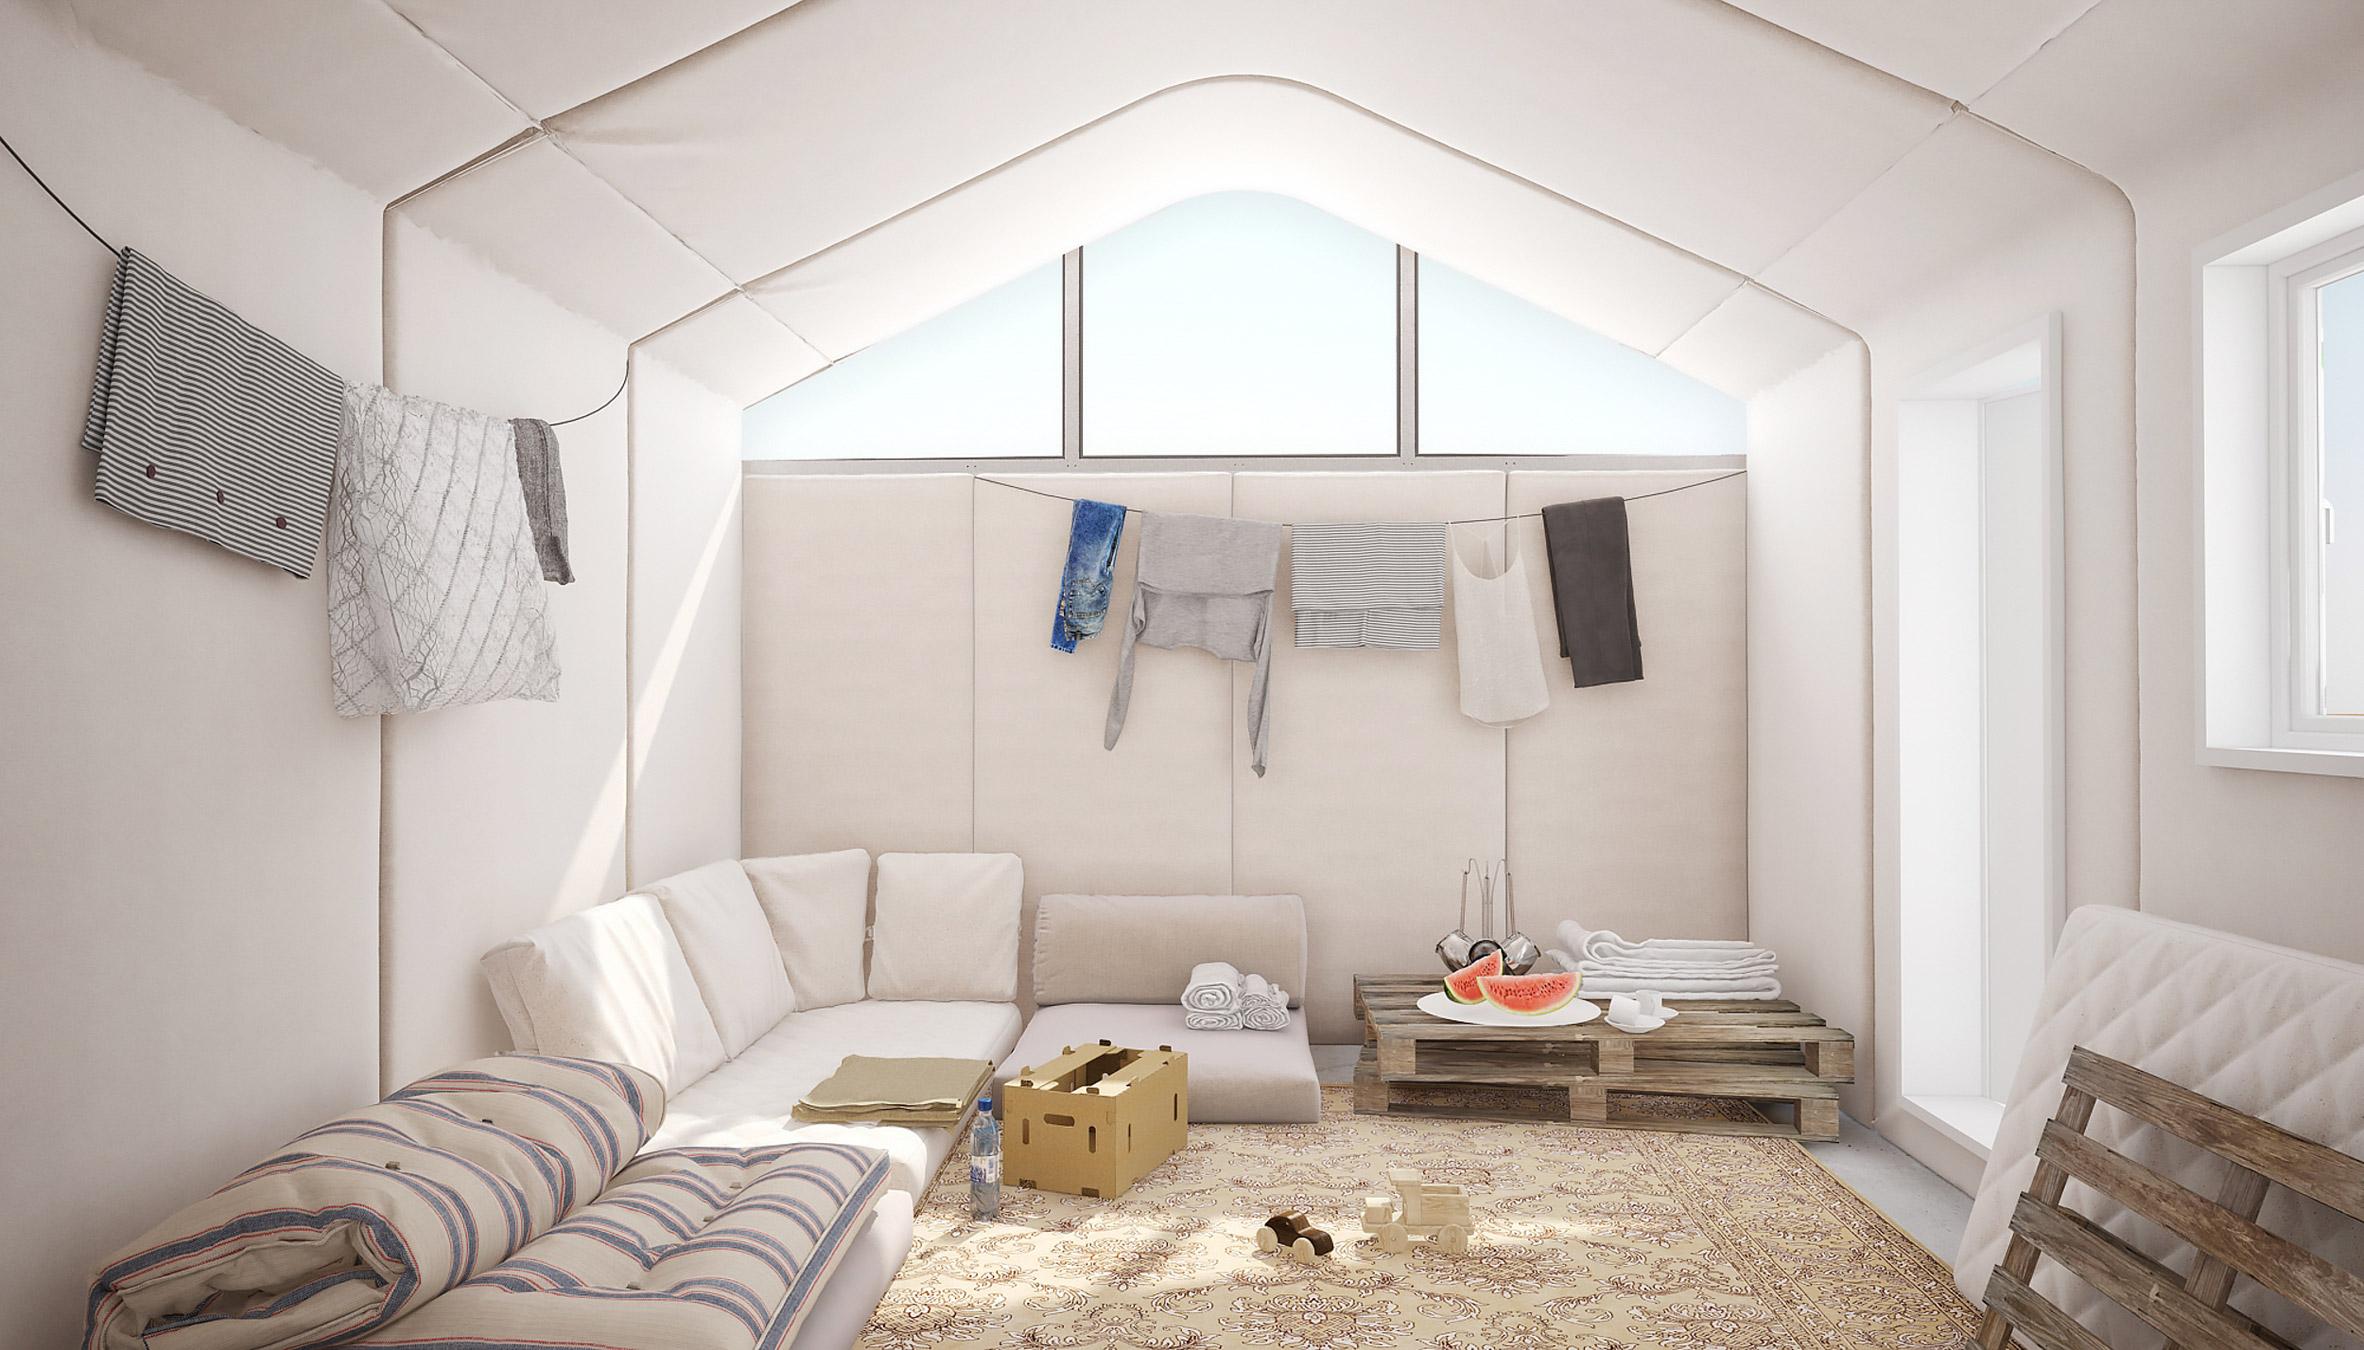 Cortex Shelter by Cutwork